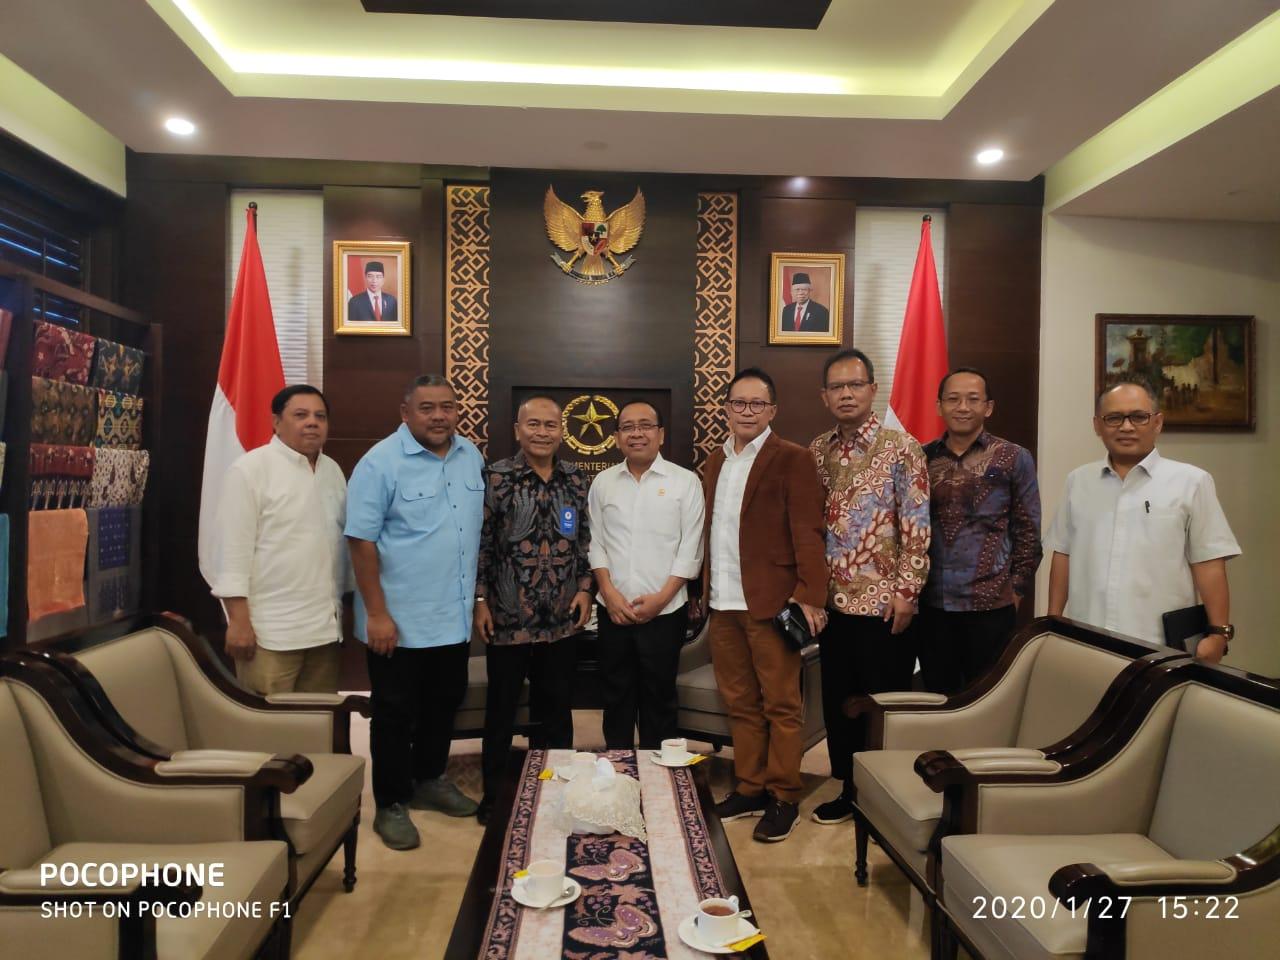 img Presiden Akan Hadiri Acara Puncak HPN 2020 di Banjarmasin